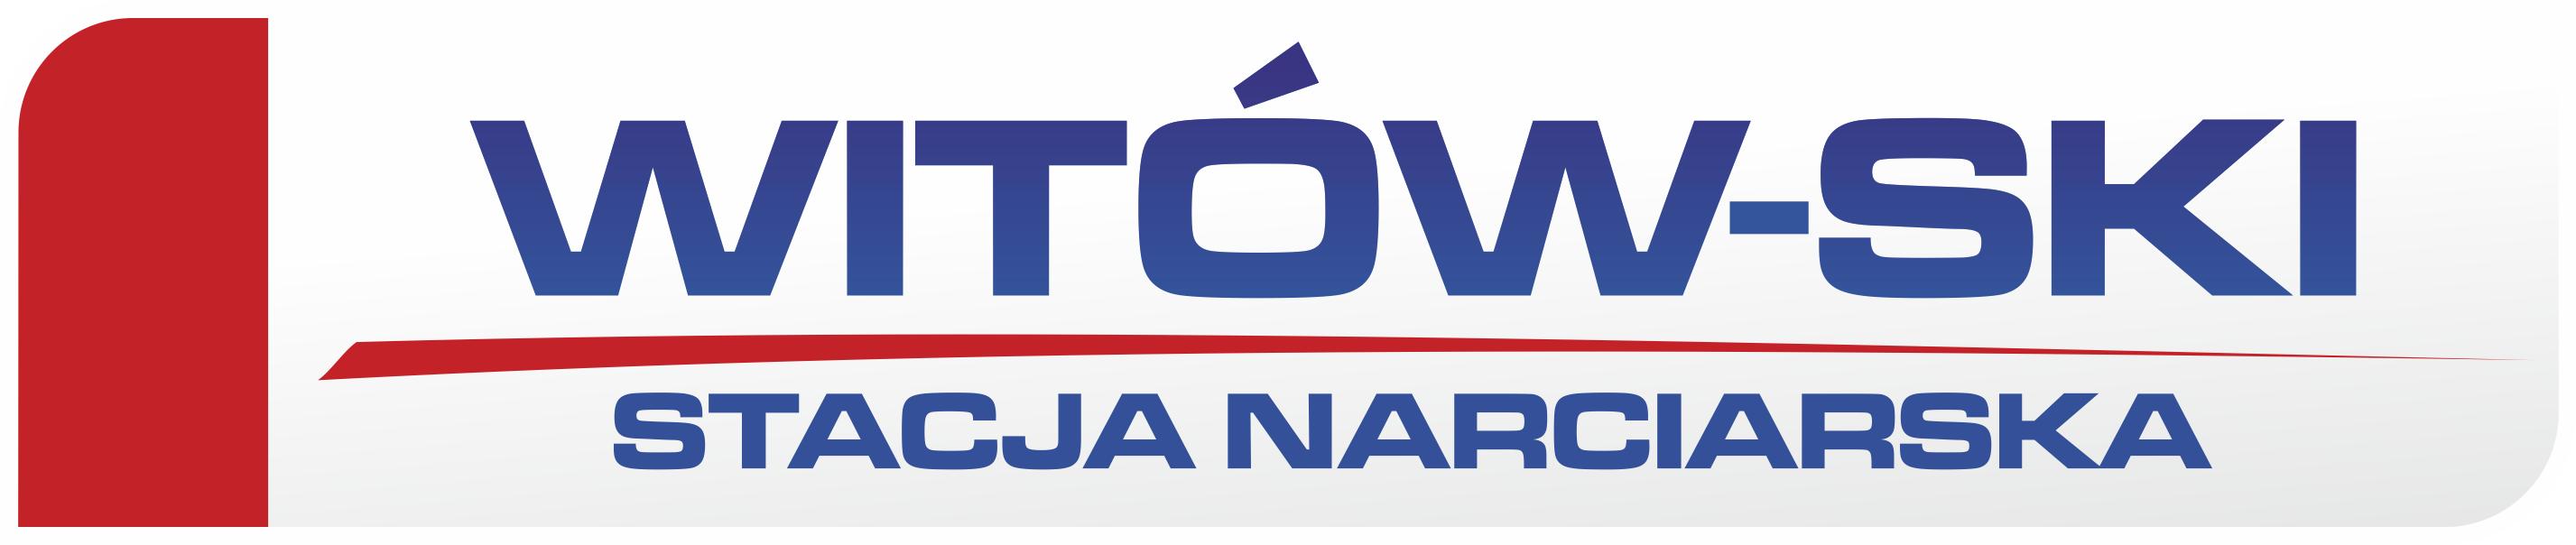 logo witowski